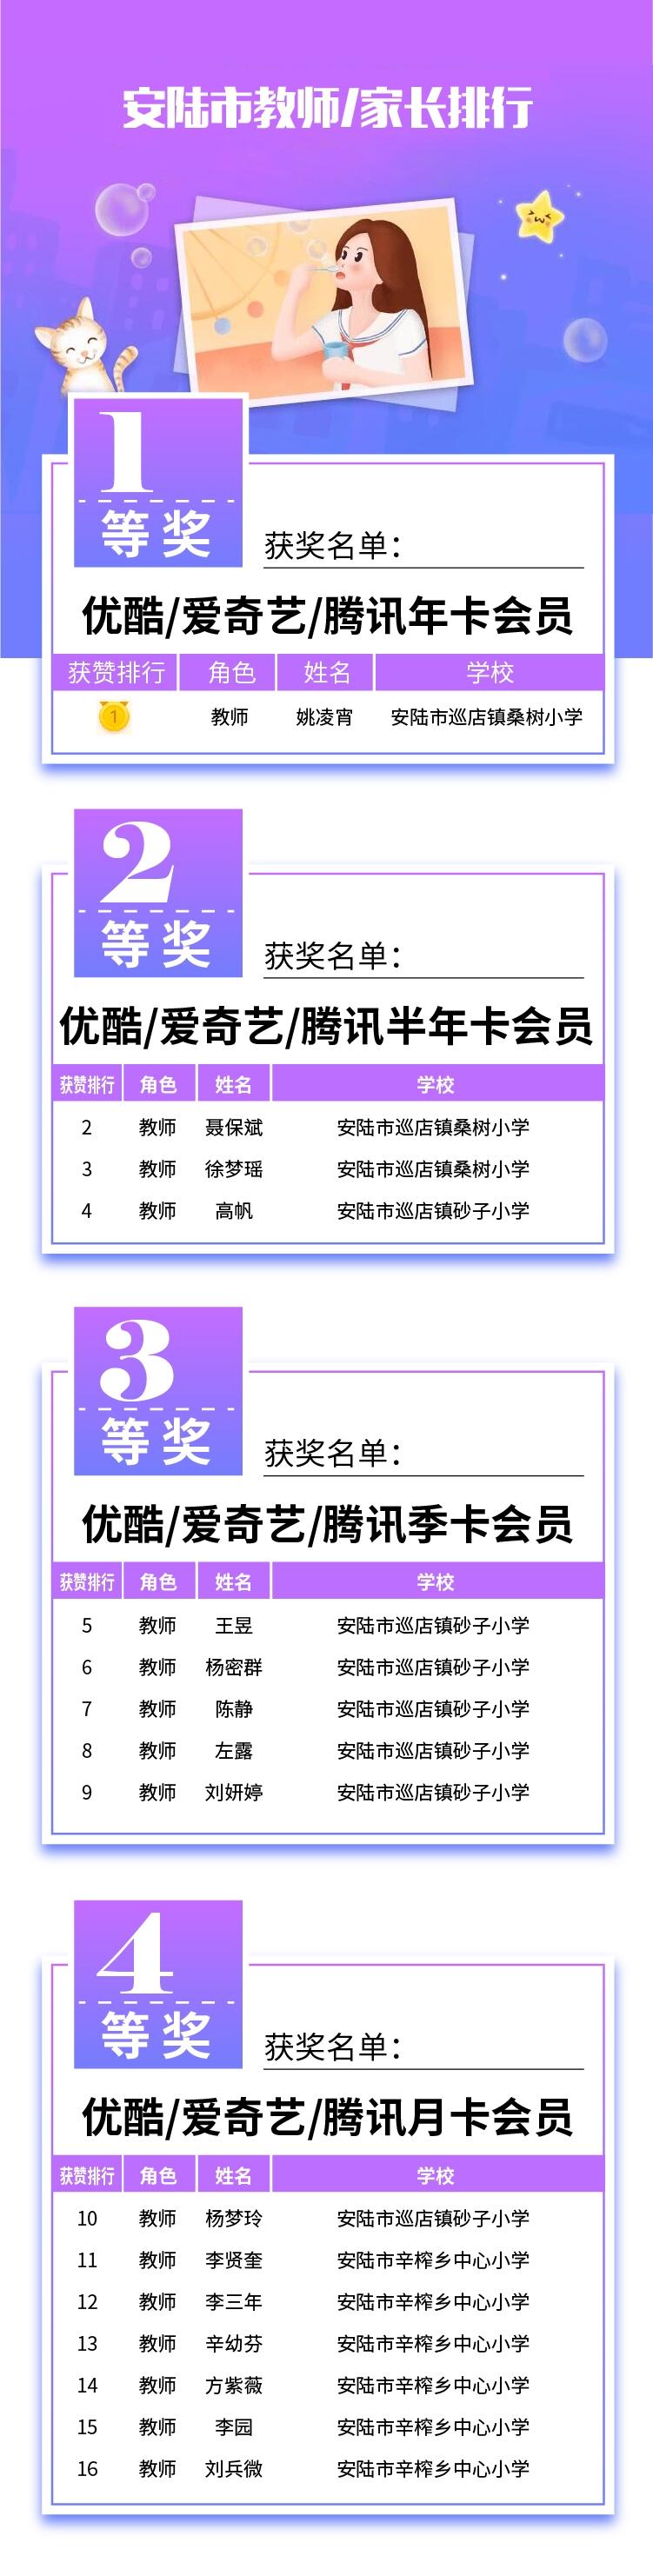 六一活动获奖名单-02安陆教师家长.jpg